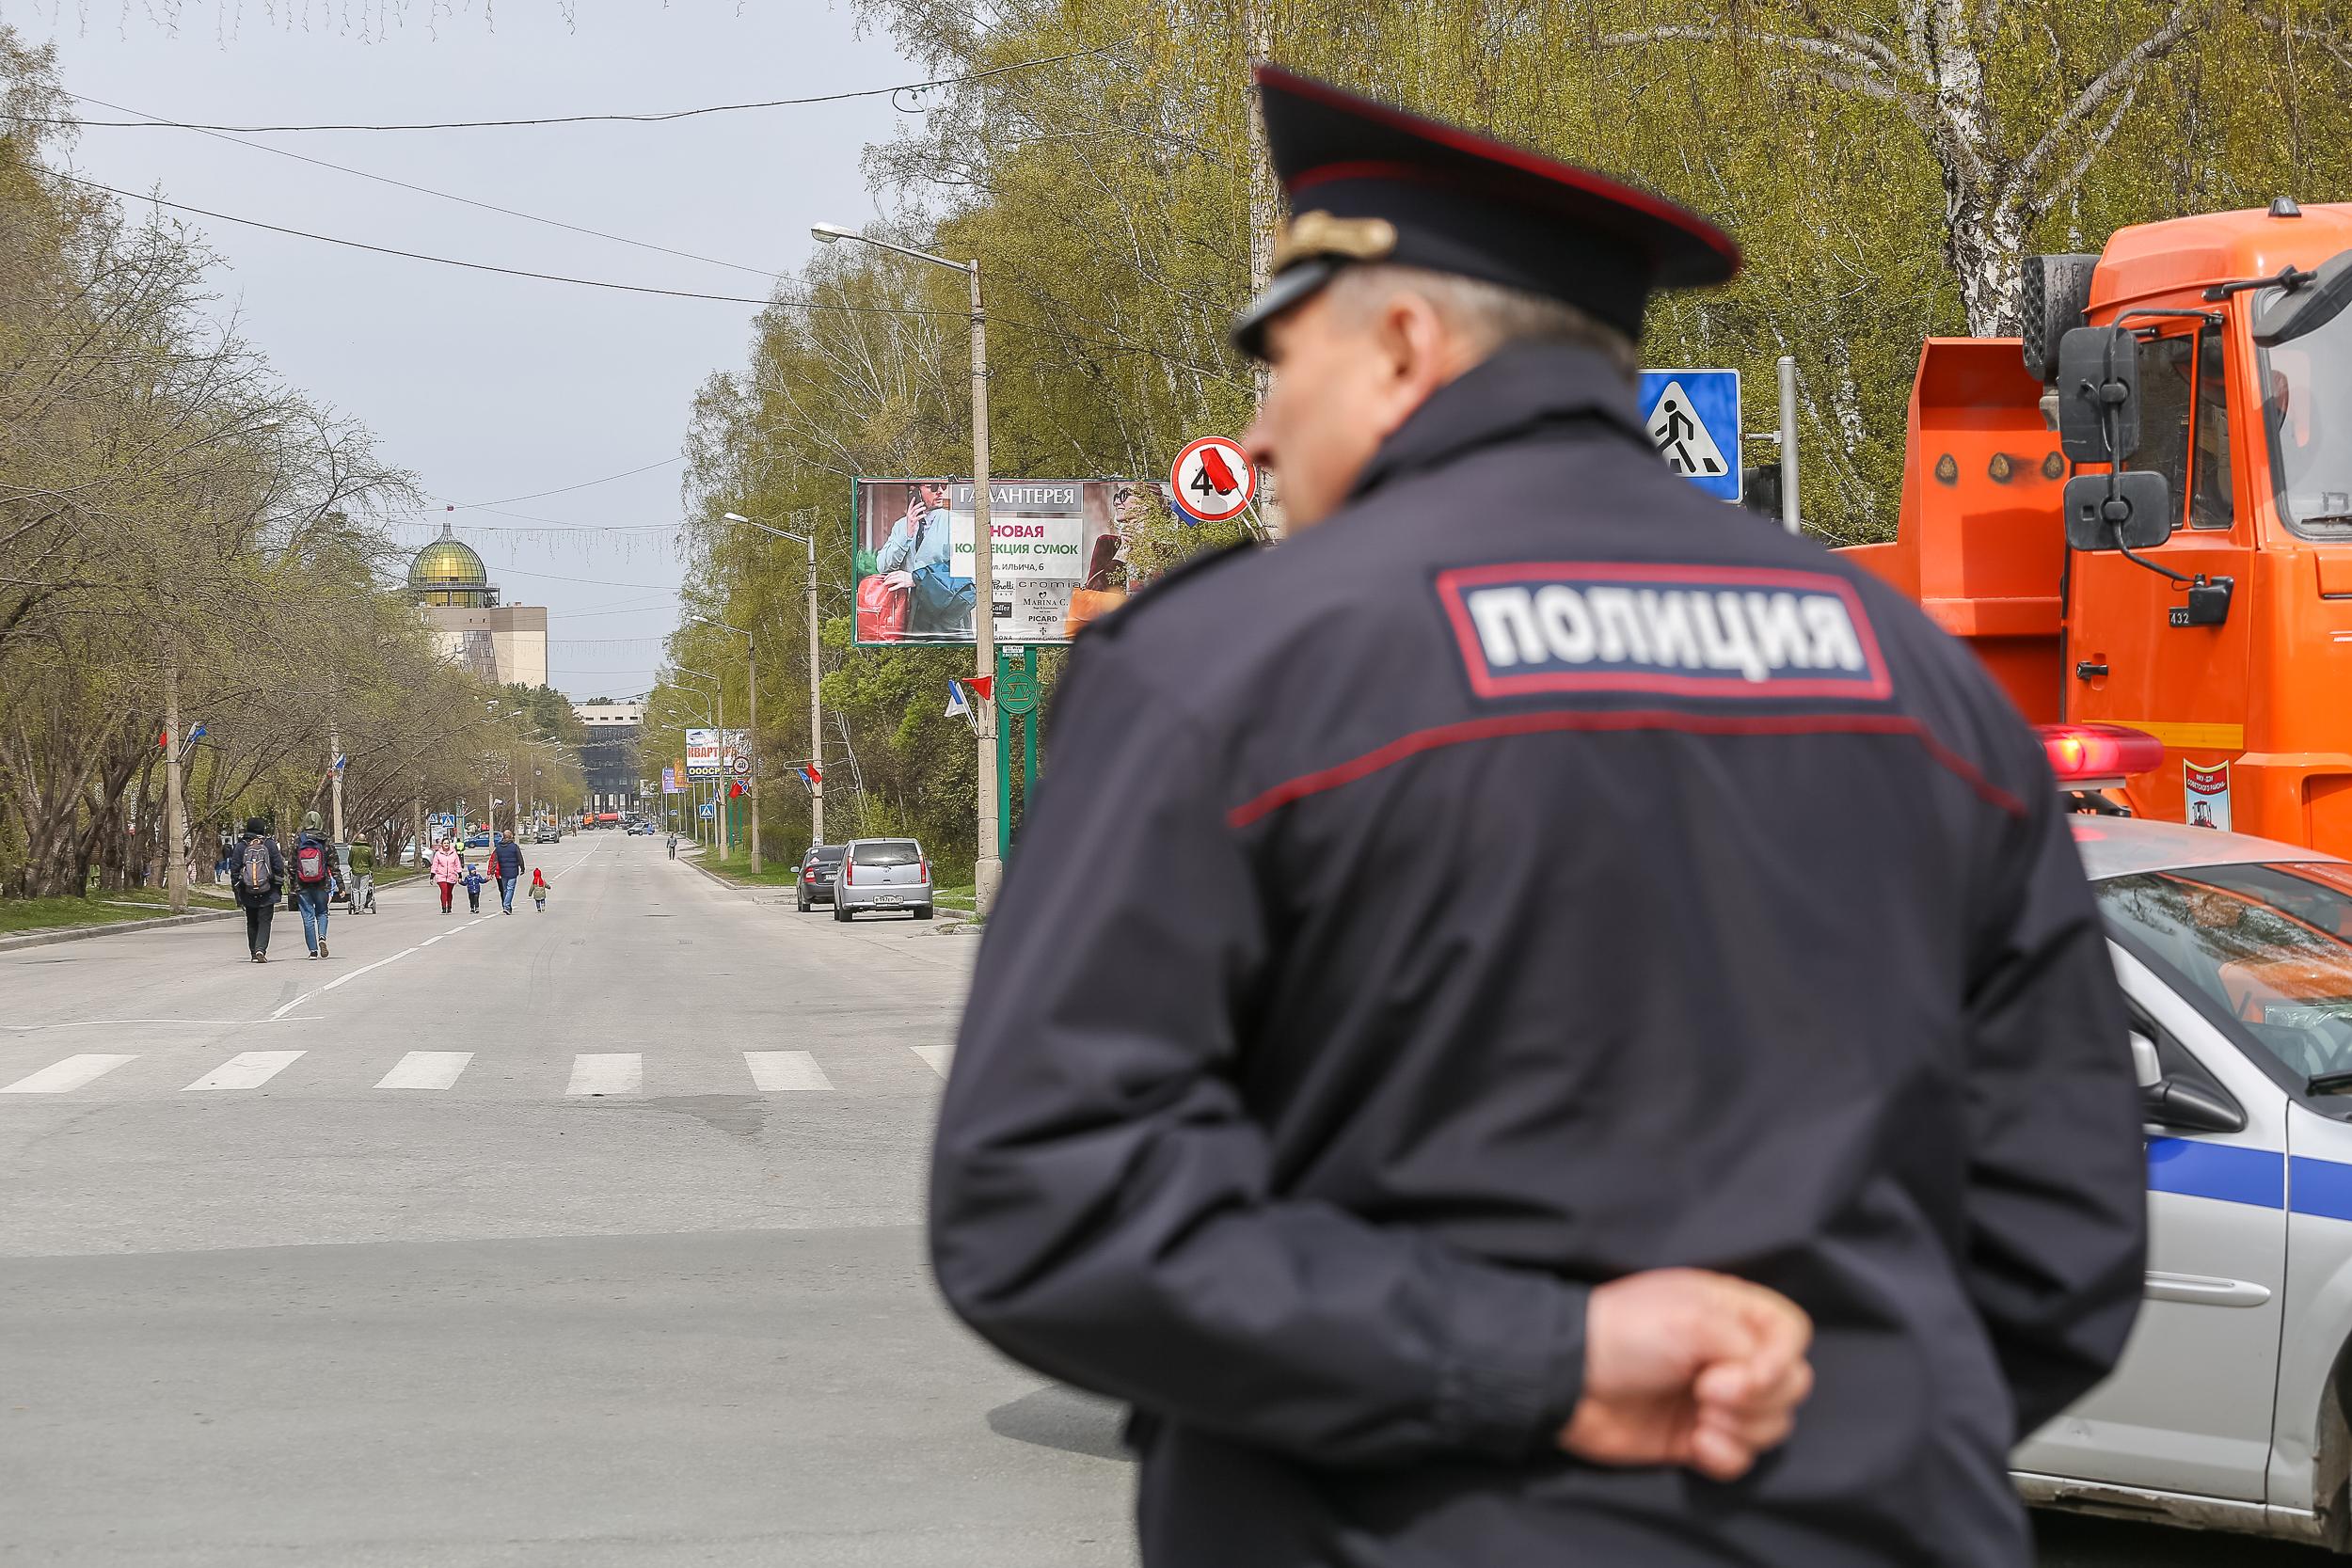 Безопасность шествия контролировала полиция (вдруг всё-таки бы разгорелся конфликт из-за строк Пушкина или Лермонтова?)